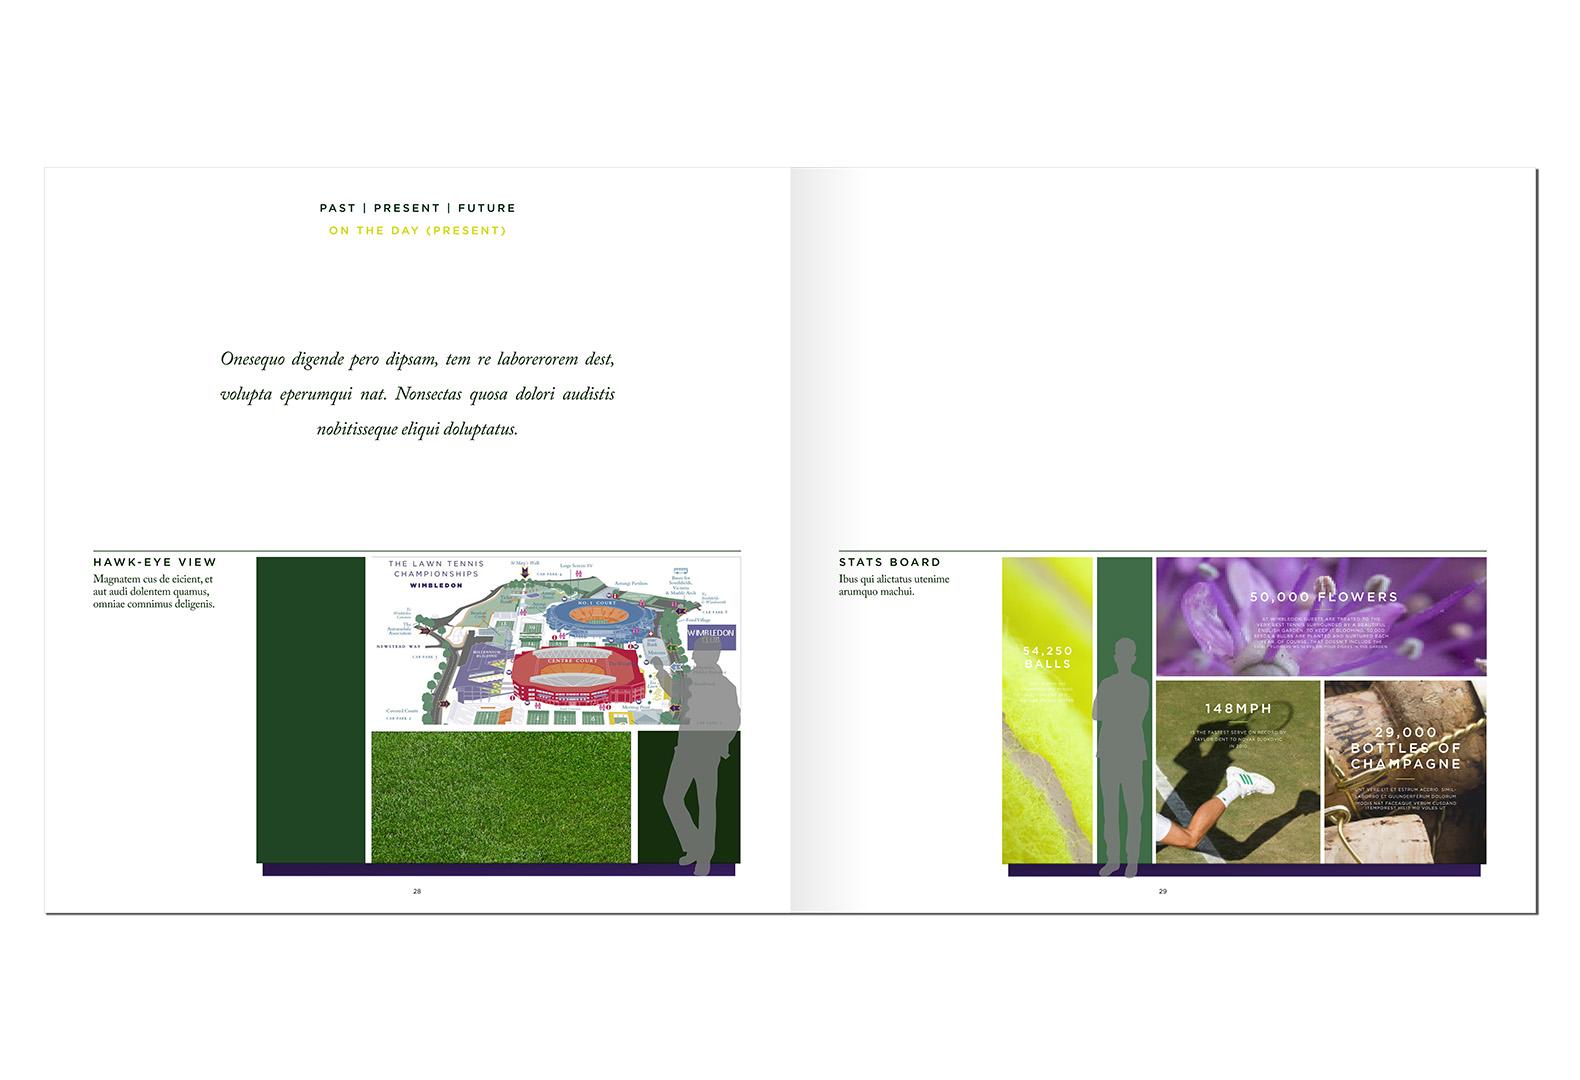 Wimbledon_07